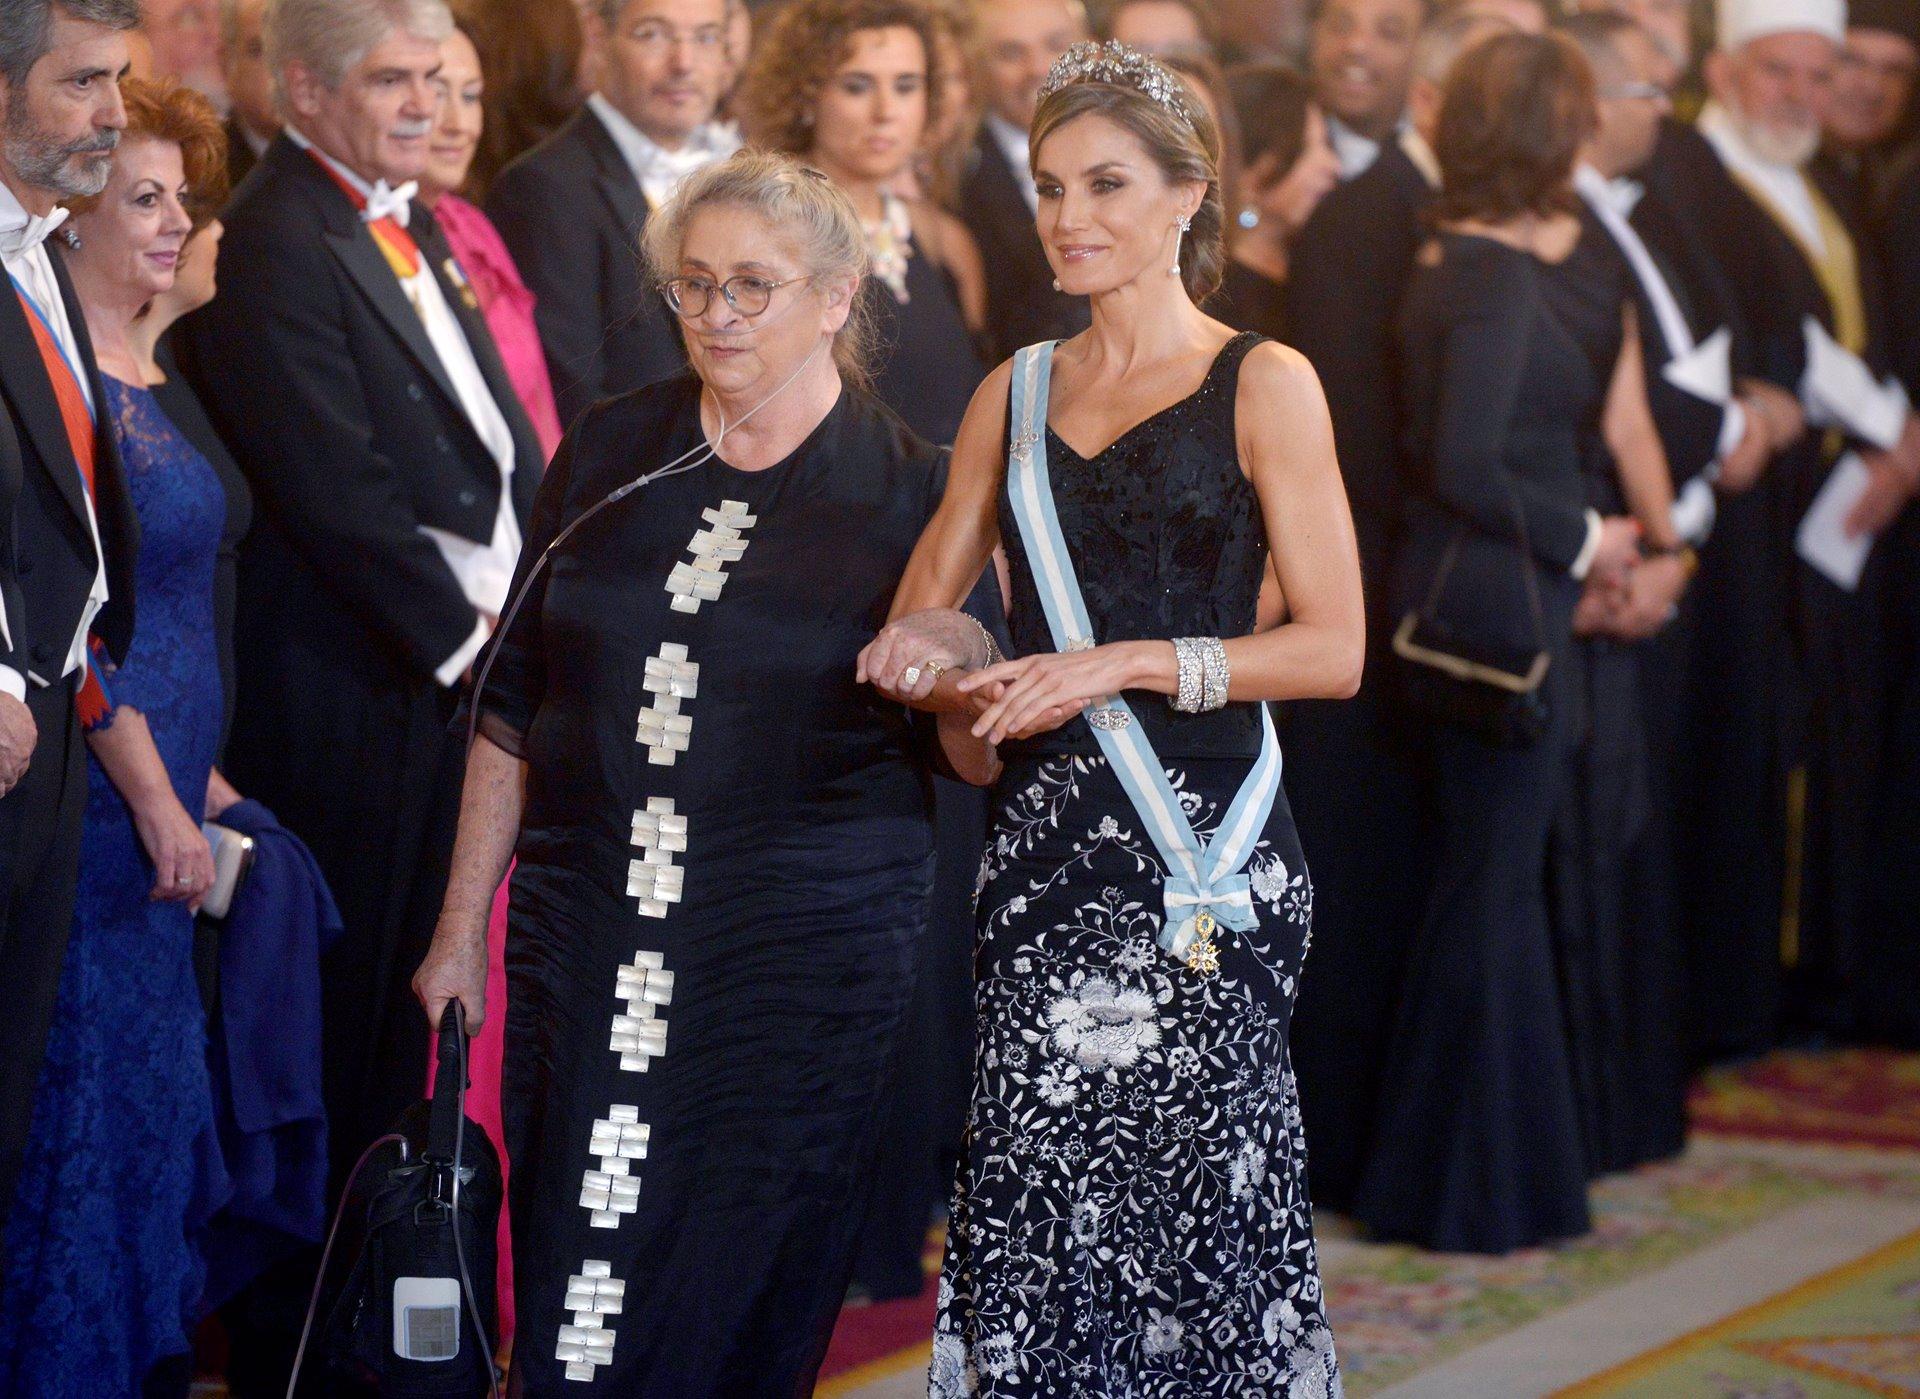 La Reina Letizia con las pulseras gemelas durante la visita del presidente israelí y su mujer Nechama Rivlin